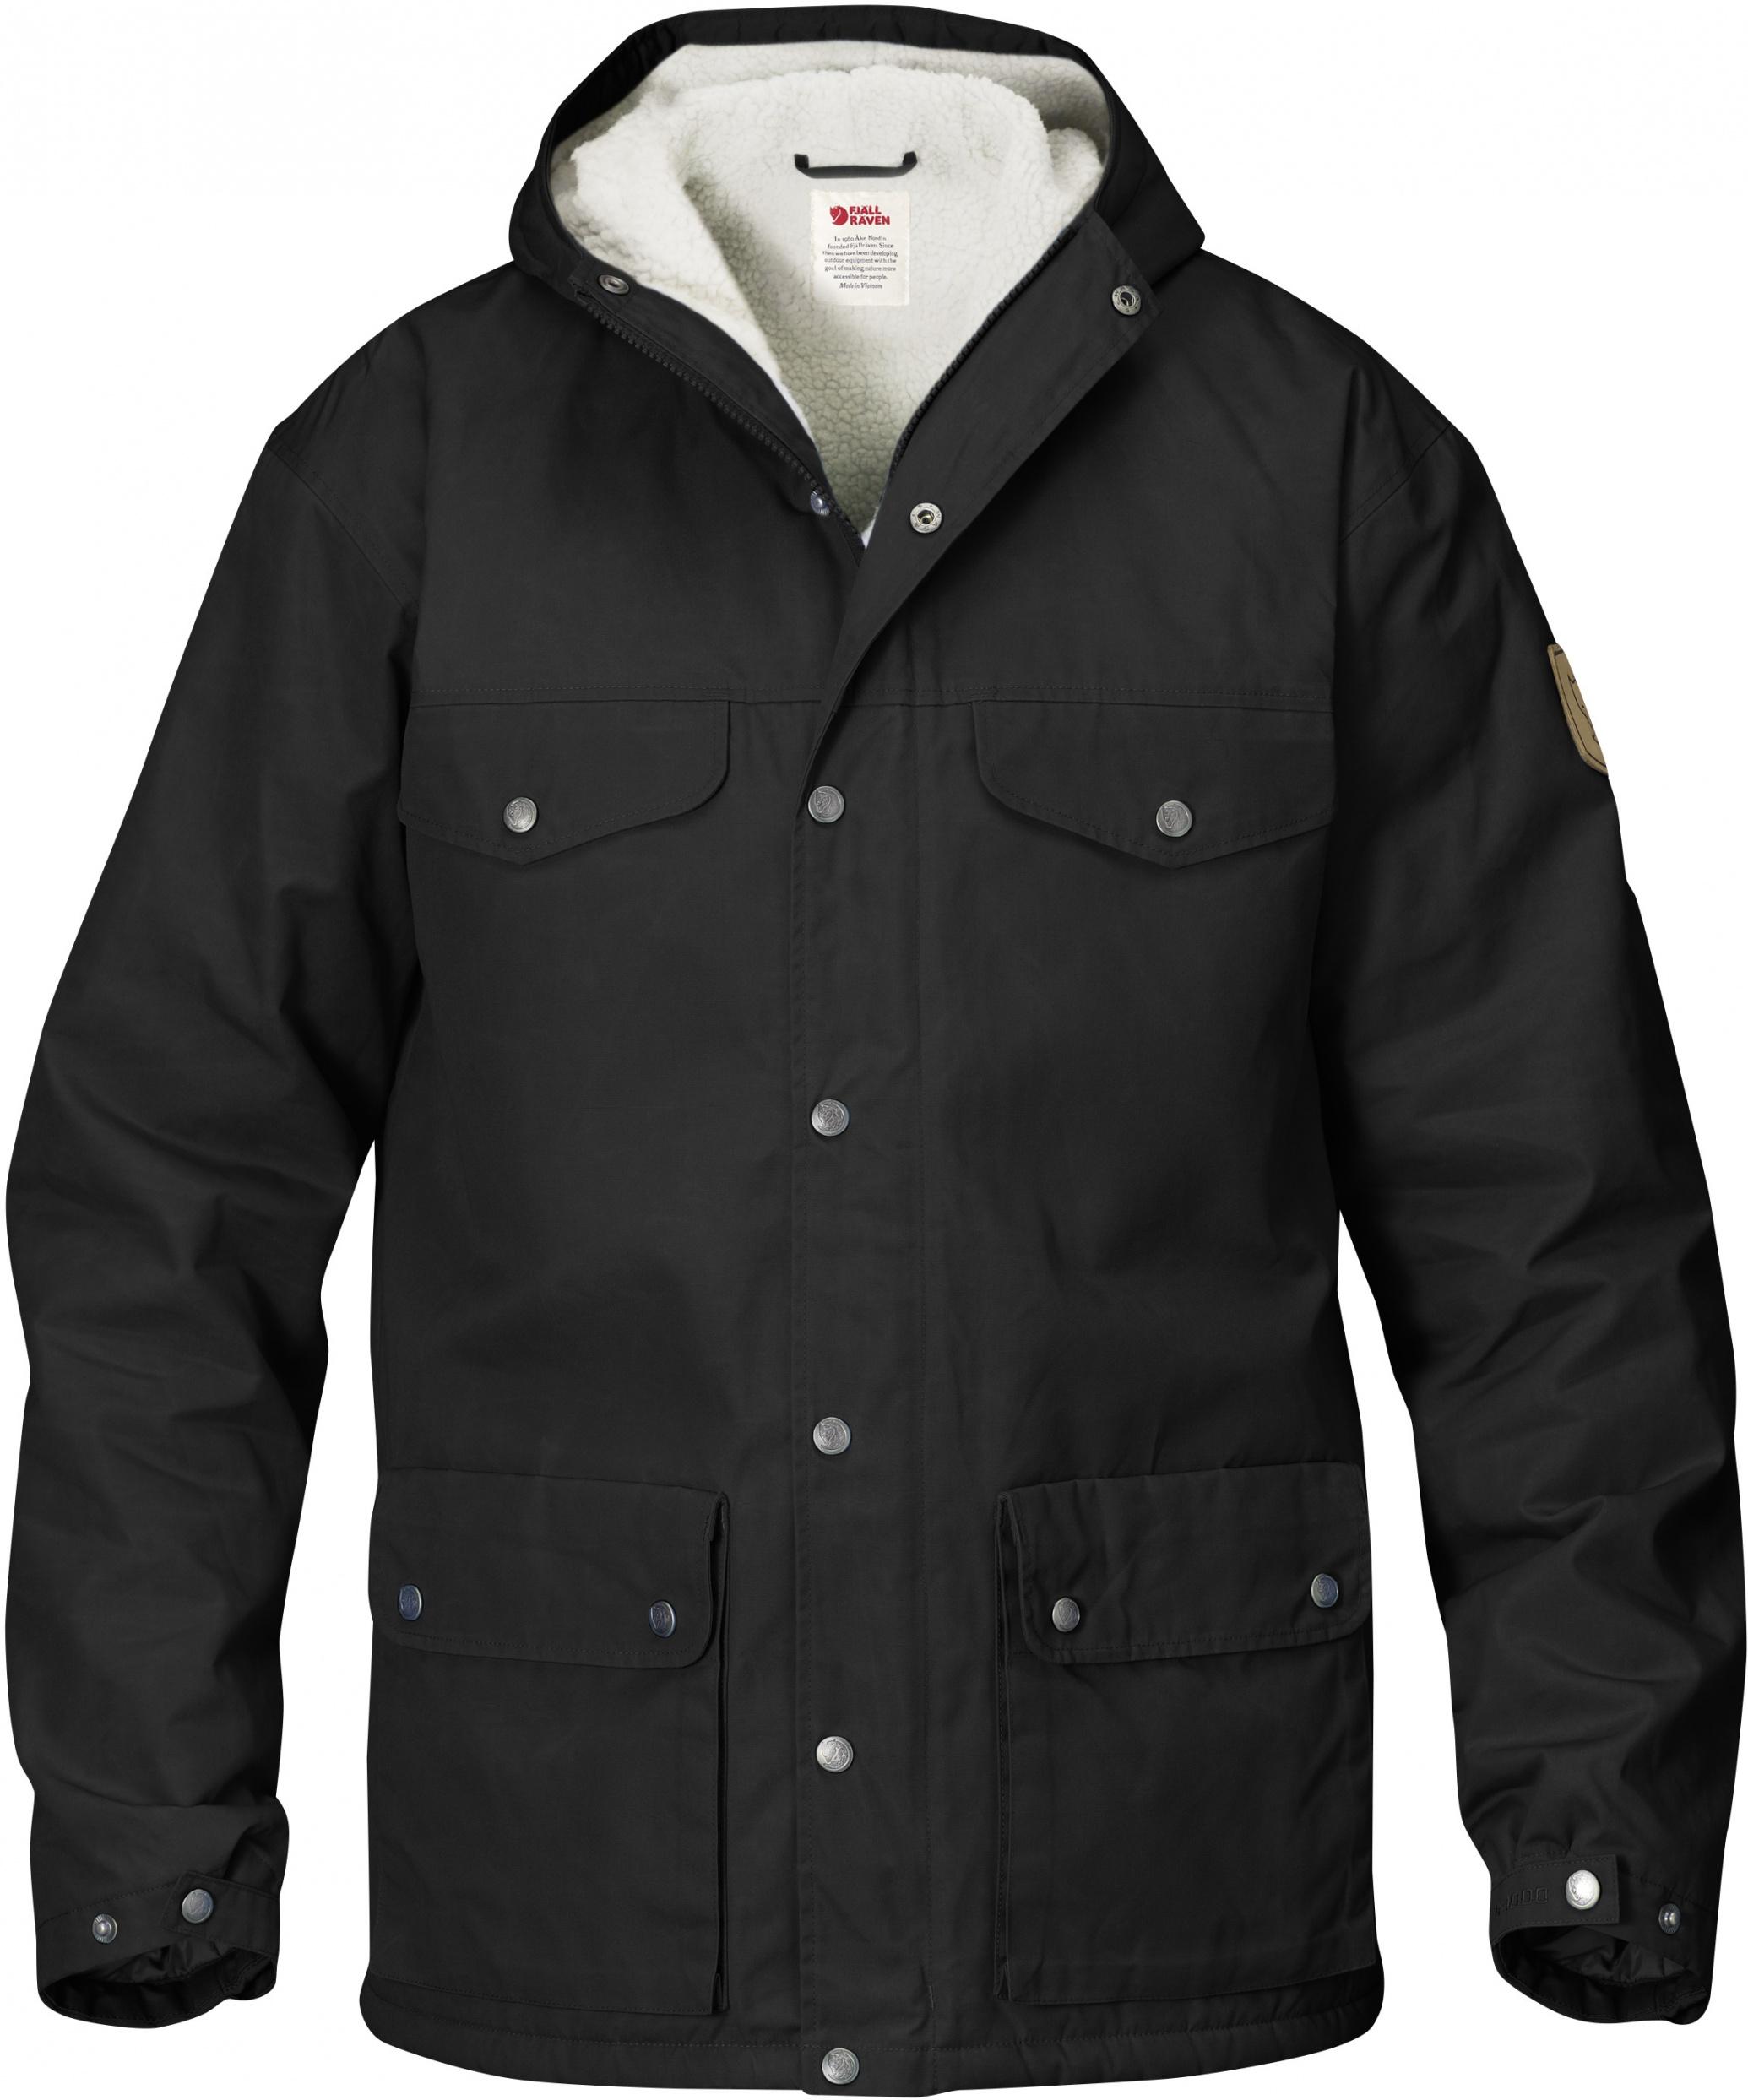 Billede af Fjällräven Greenland Winter Jacket Sort